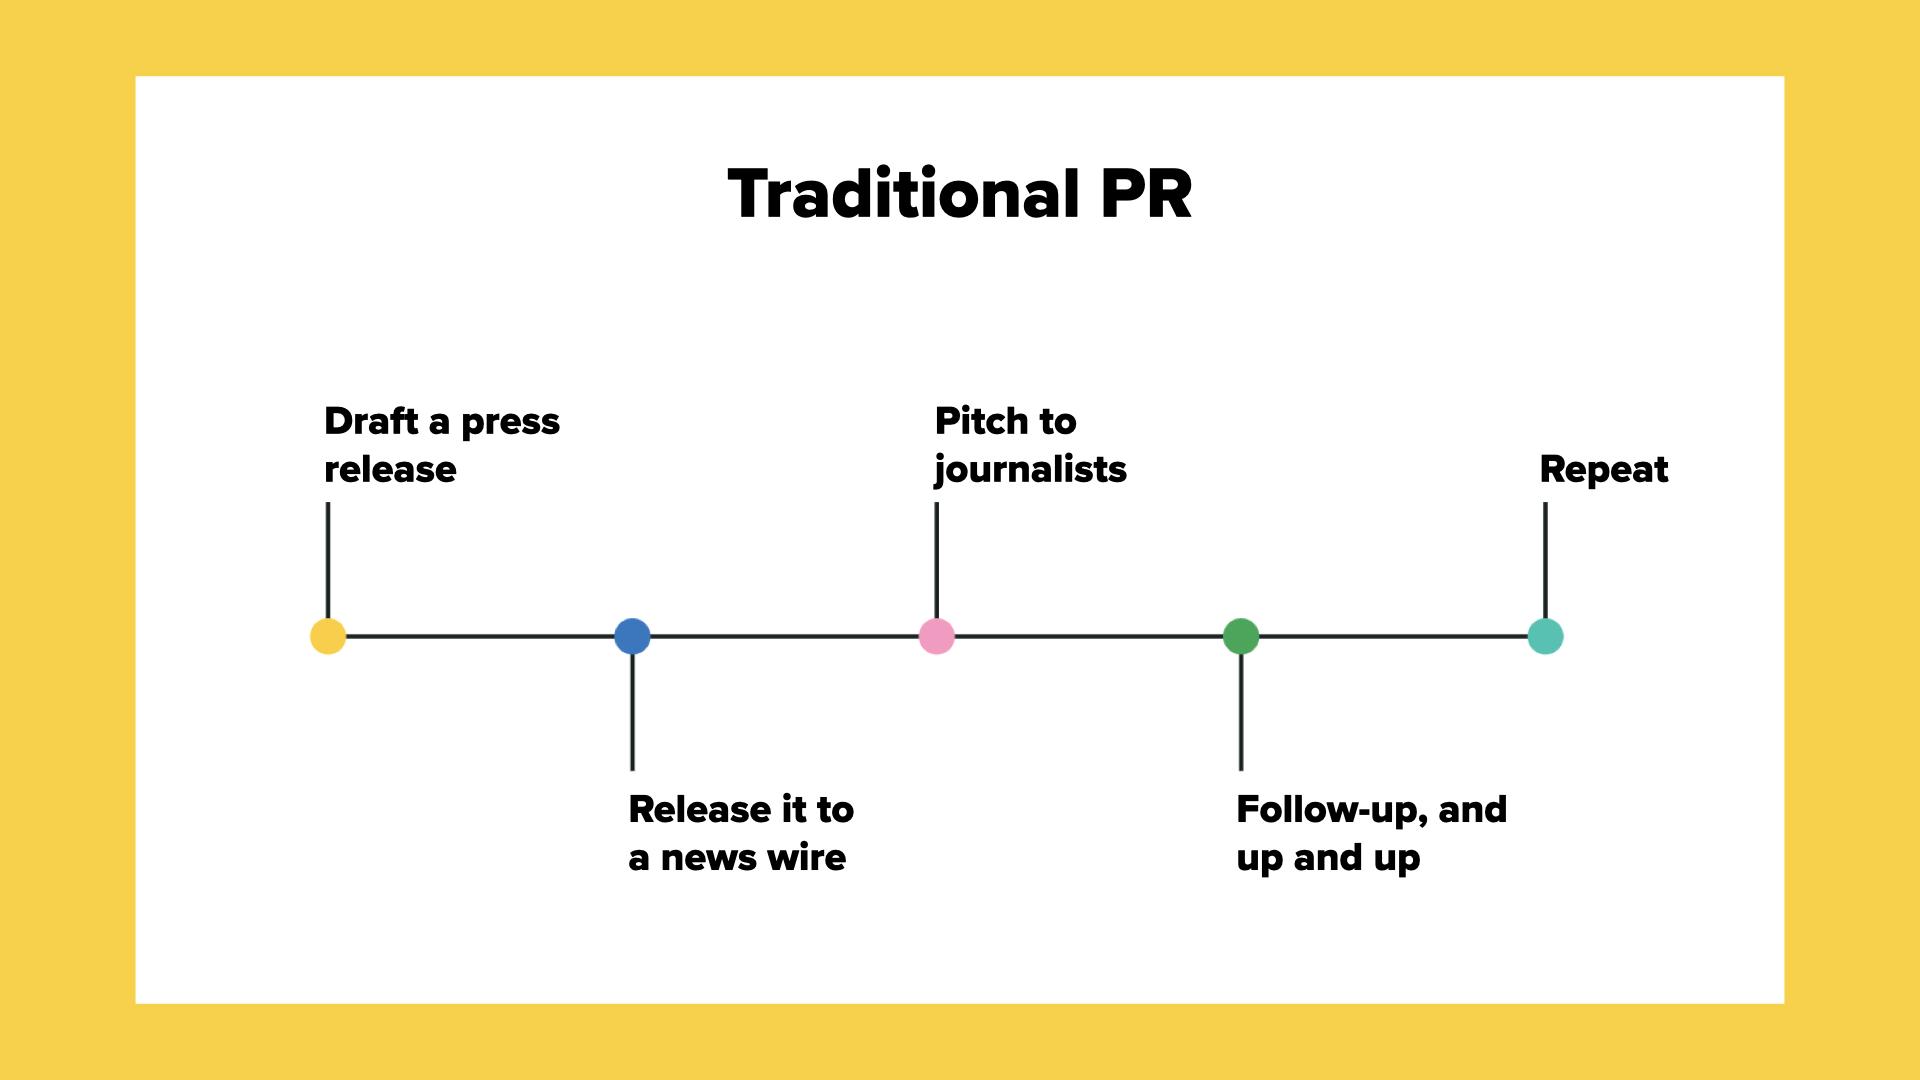 Cronograma de la estrategia de relaciones públicas tradicional: redactar comunicados de prensa, publicar en noticias, reenviar a los periodistas, seguimiento y acción, repetir